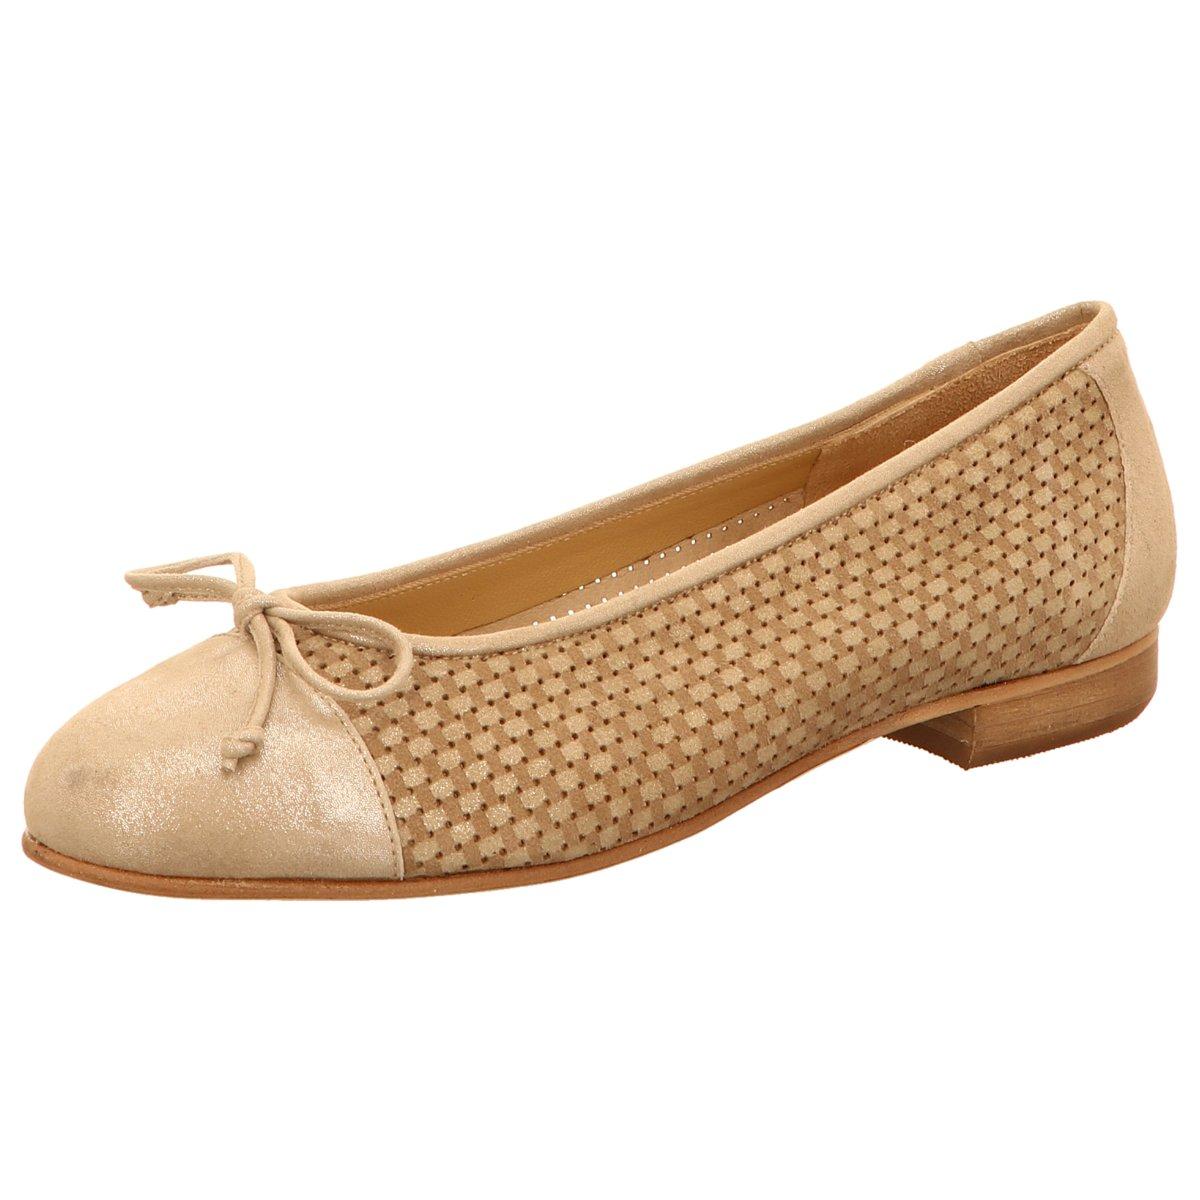 NEU Gabriele Damen Ballerinas Cane puntina Ecru /platino beige 299273